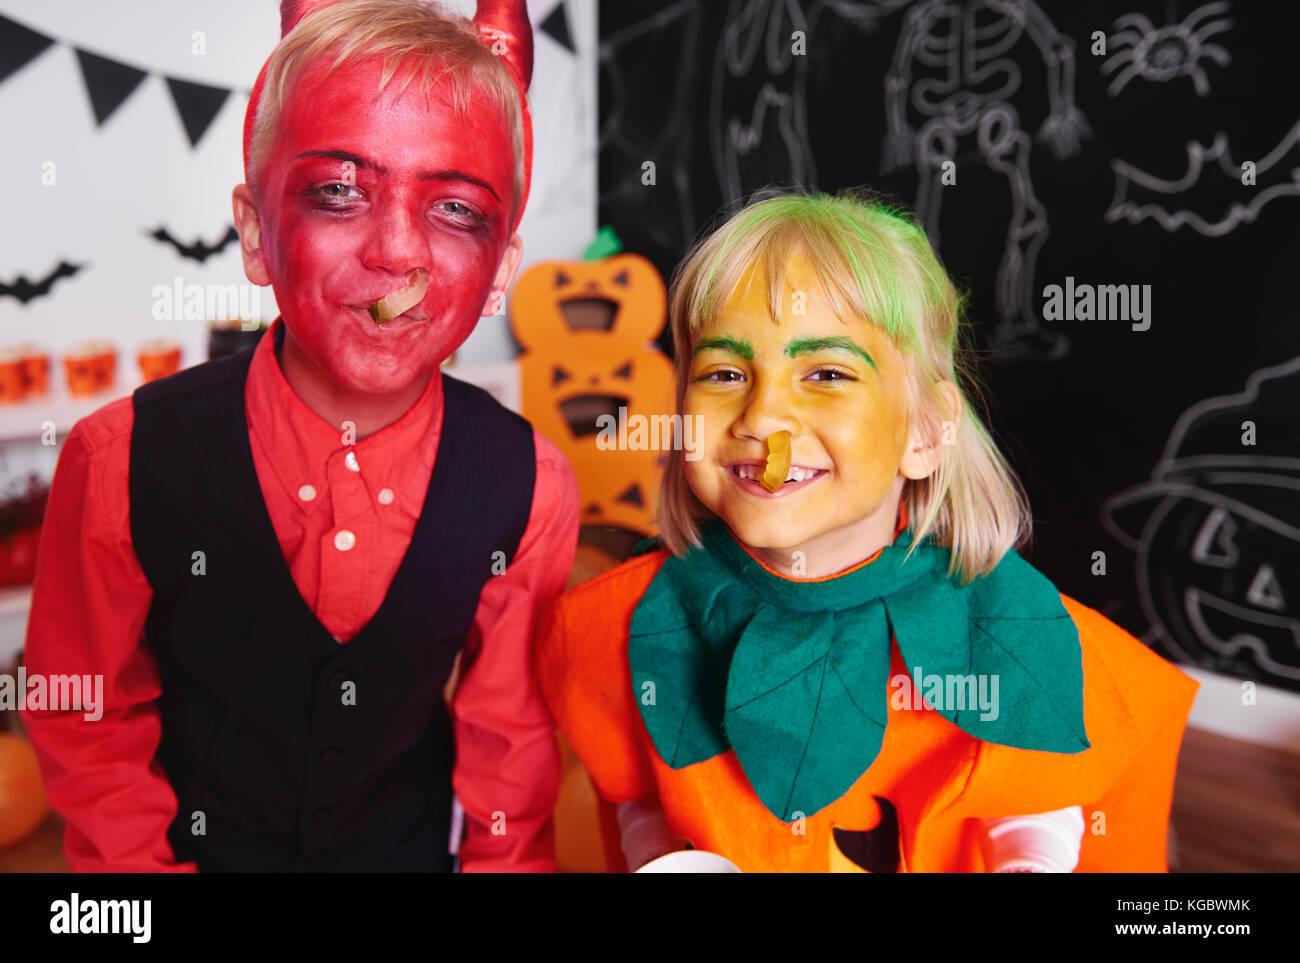 Frères et sœurs ayant un plaisir avec gummy worms Photo Stock